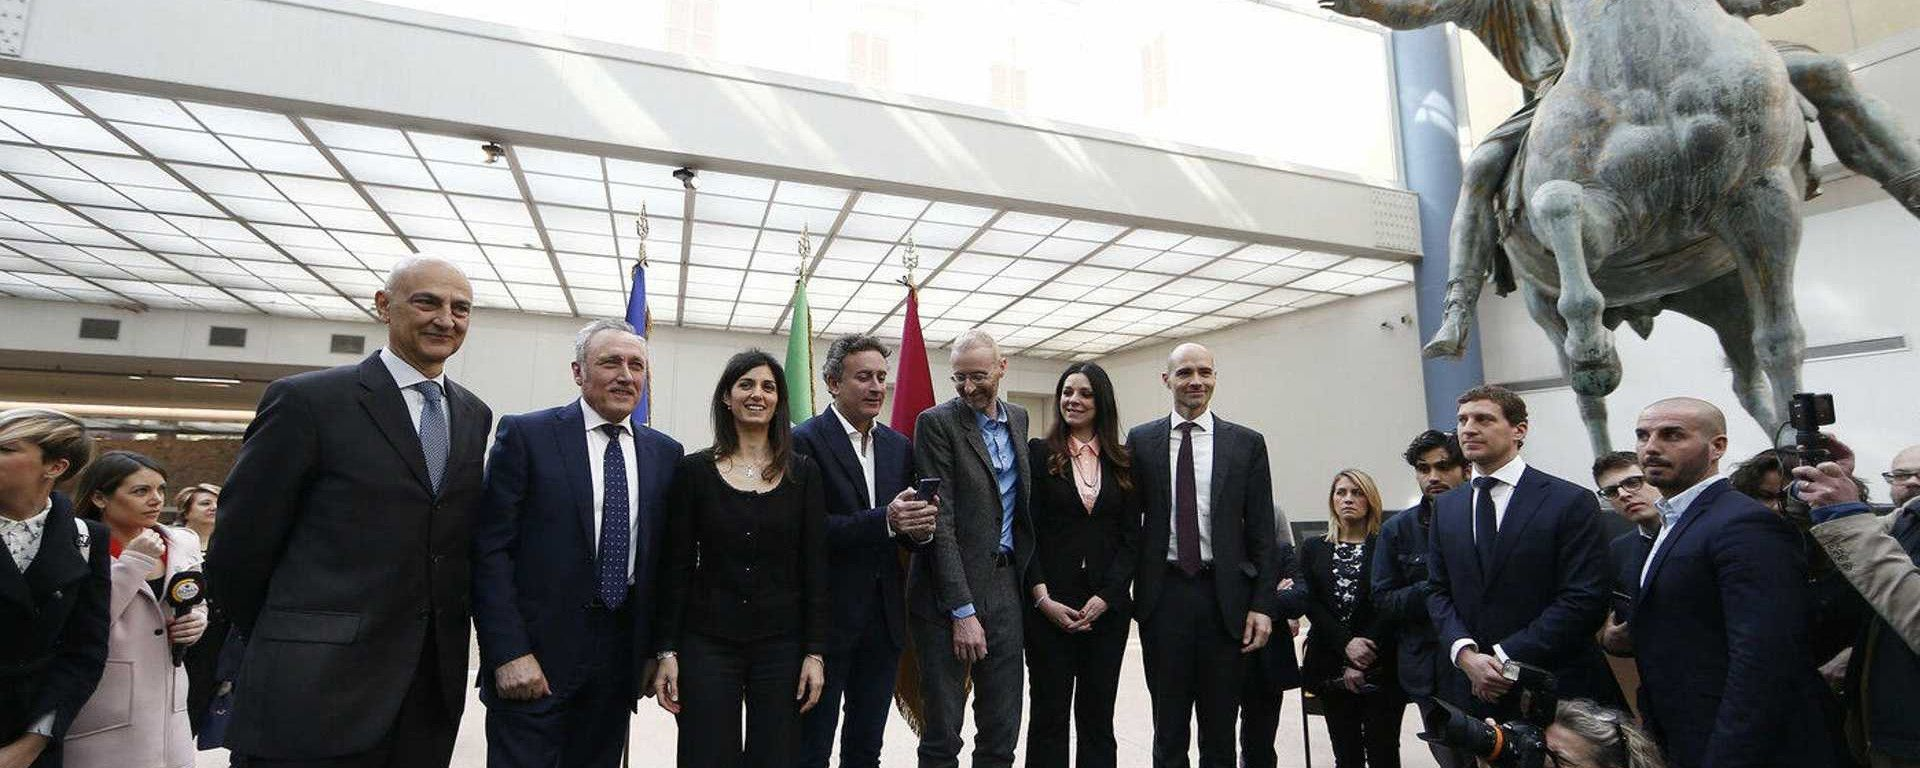 Foto di gruppo al termine dell'evento di presentazione del Rome ePrix, al centro il sindaco Virginia Raggi e il presidente della